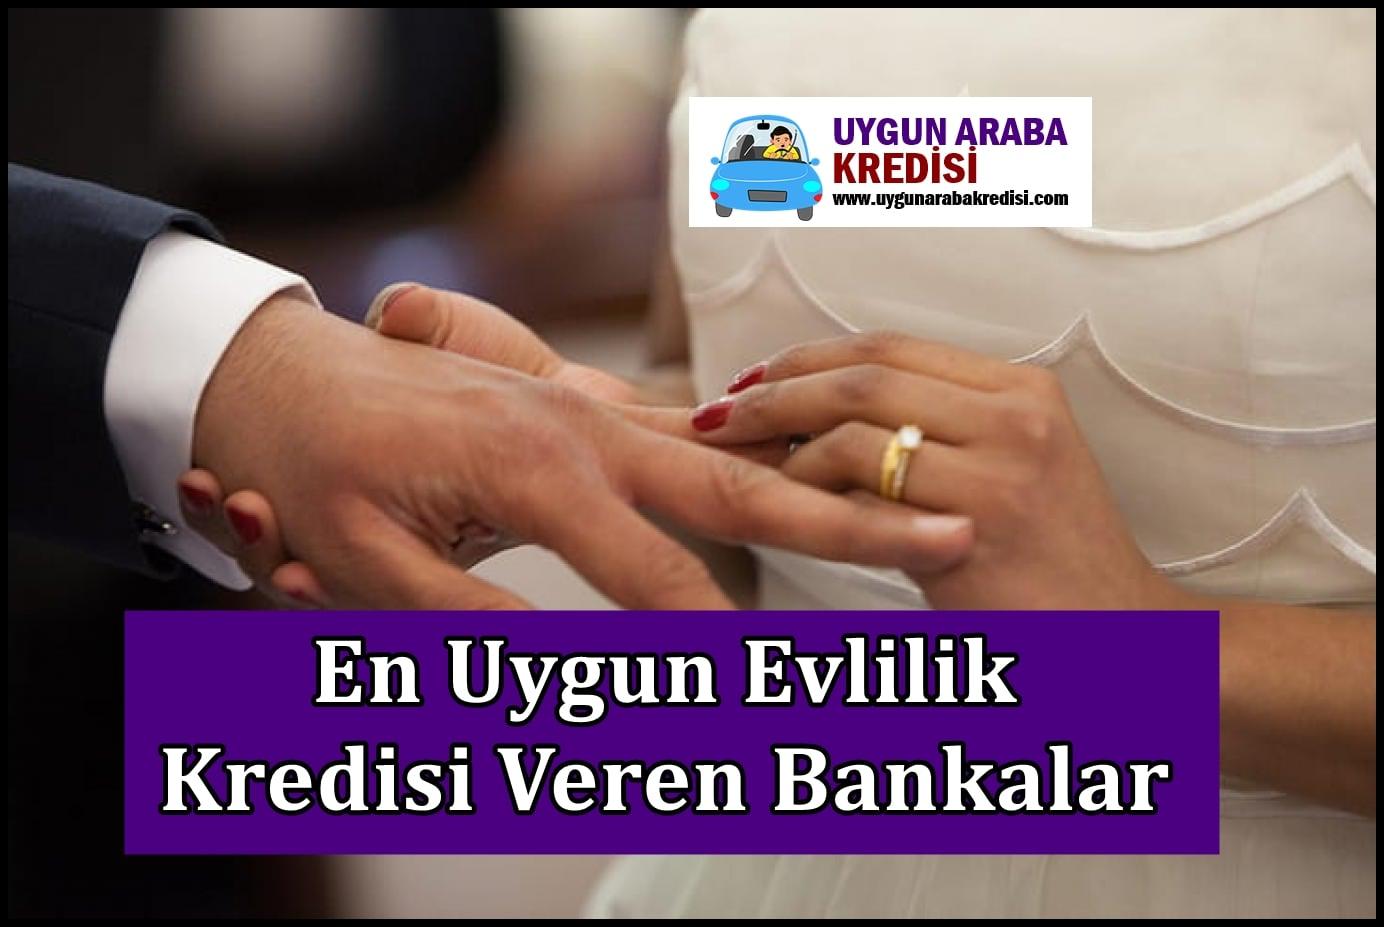 En Uygun Evlilik Kredisi Veren Bankalar